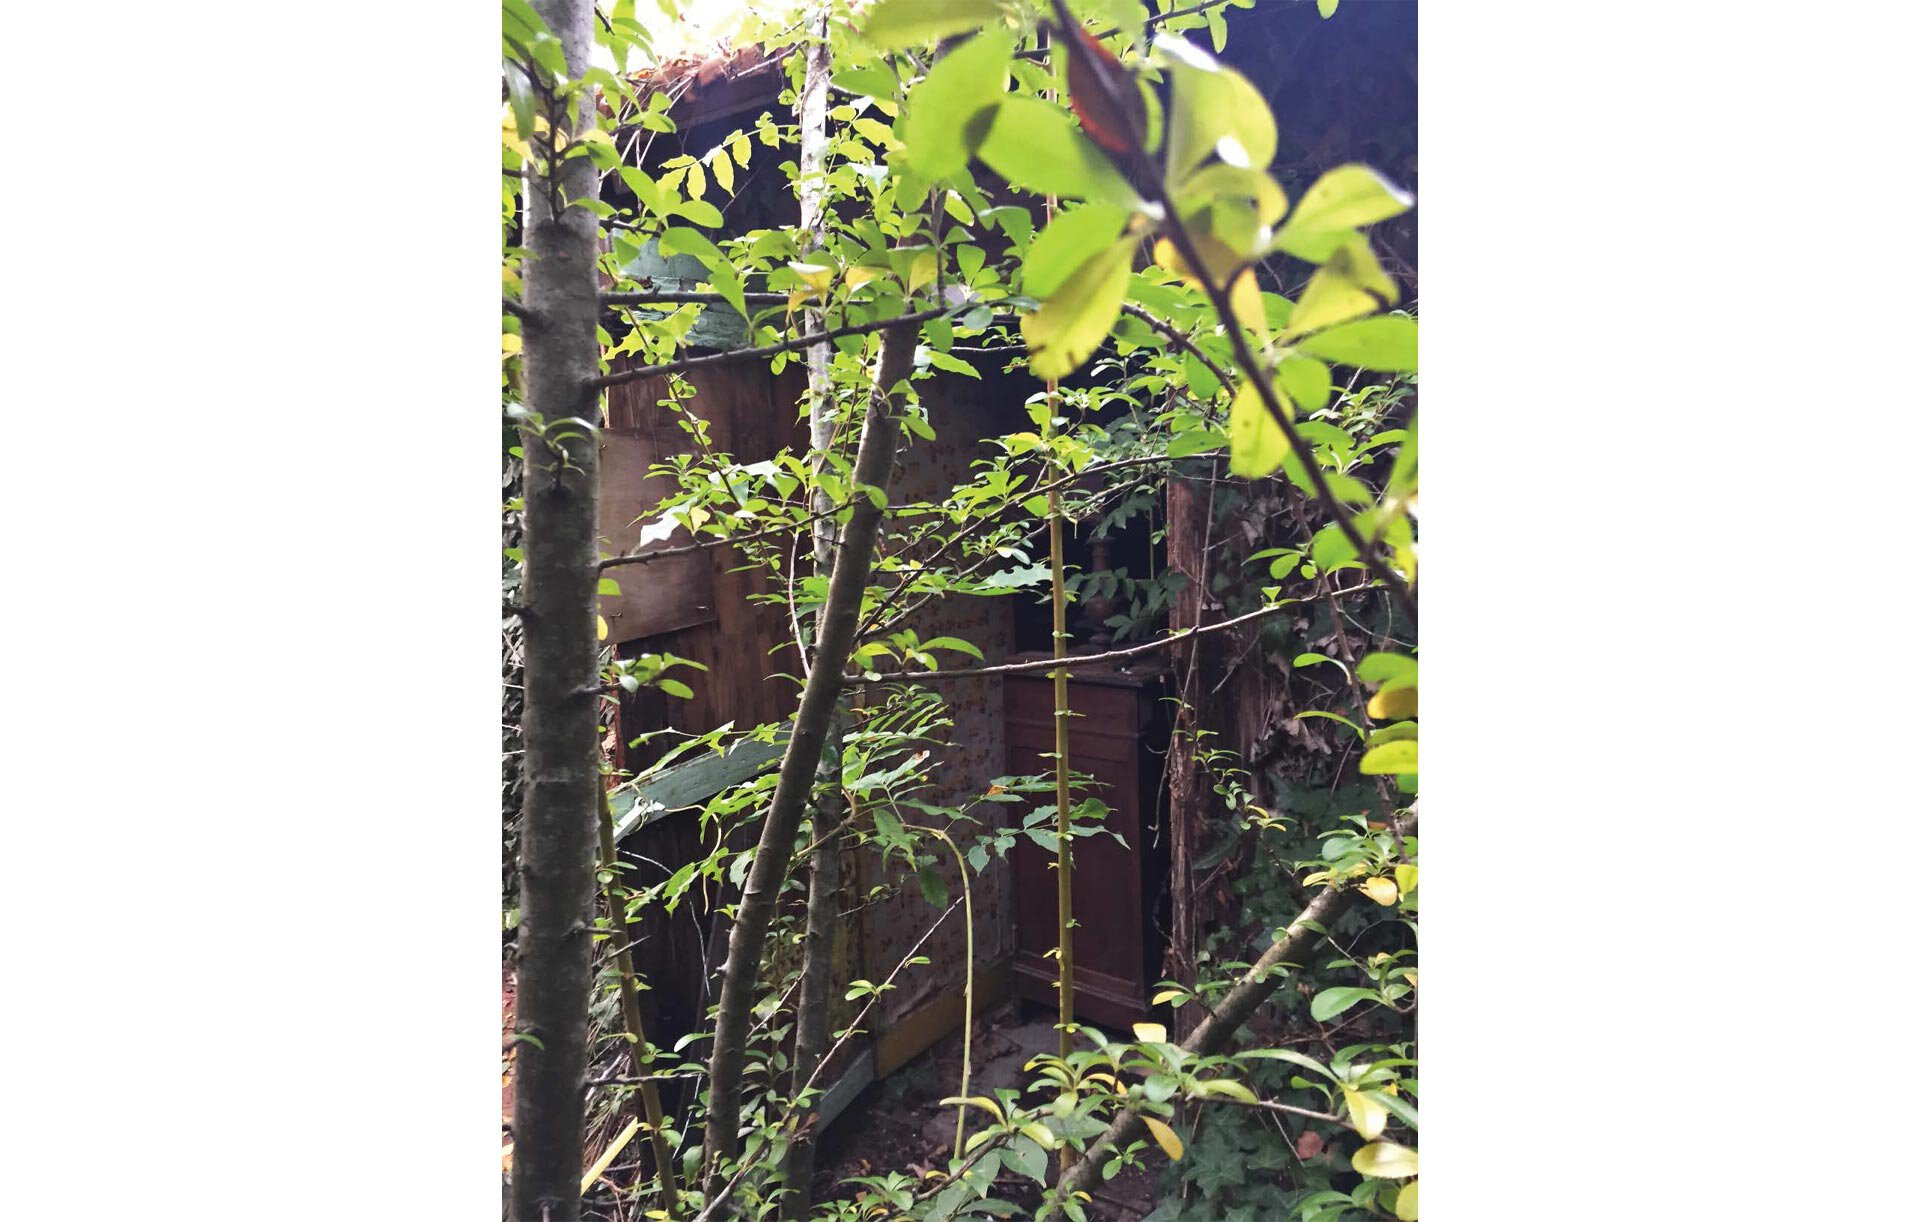 Vue sur une bâtiment délabré absorbé par la végétation.